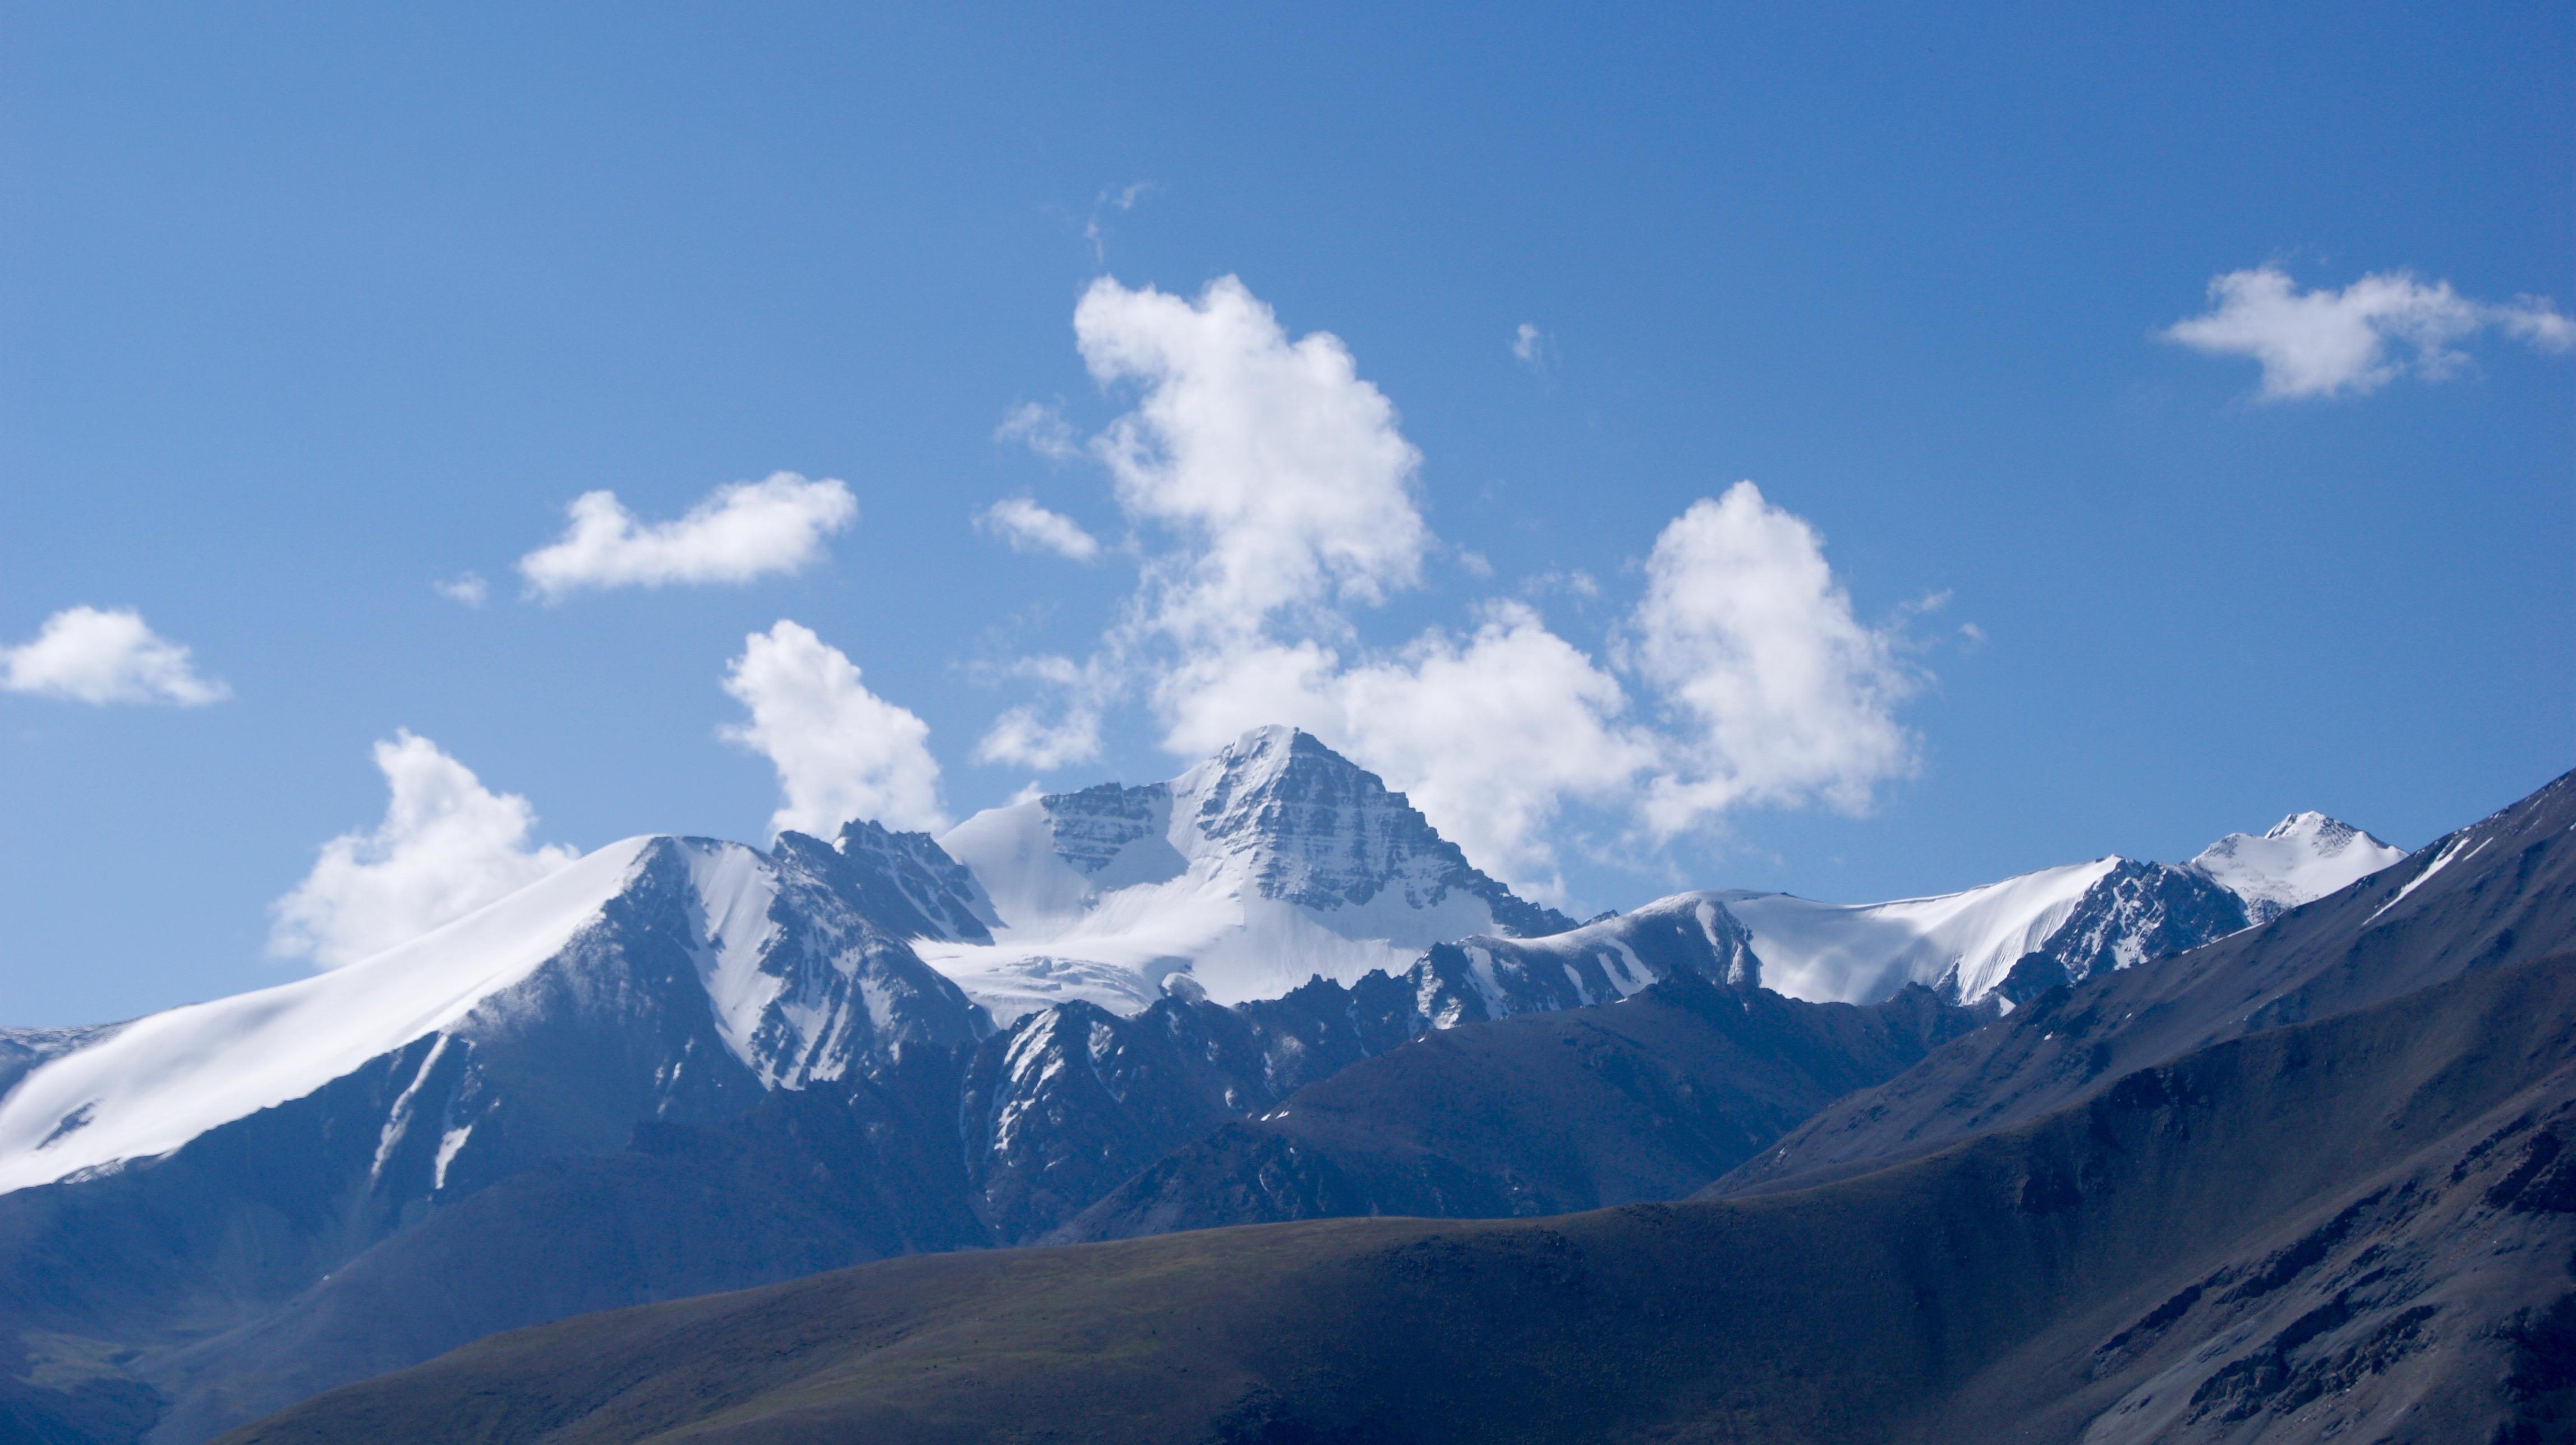 Stok Kangri Trek, Leh, Jammu and Kashmir, India